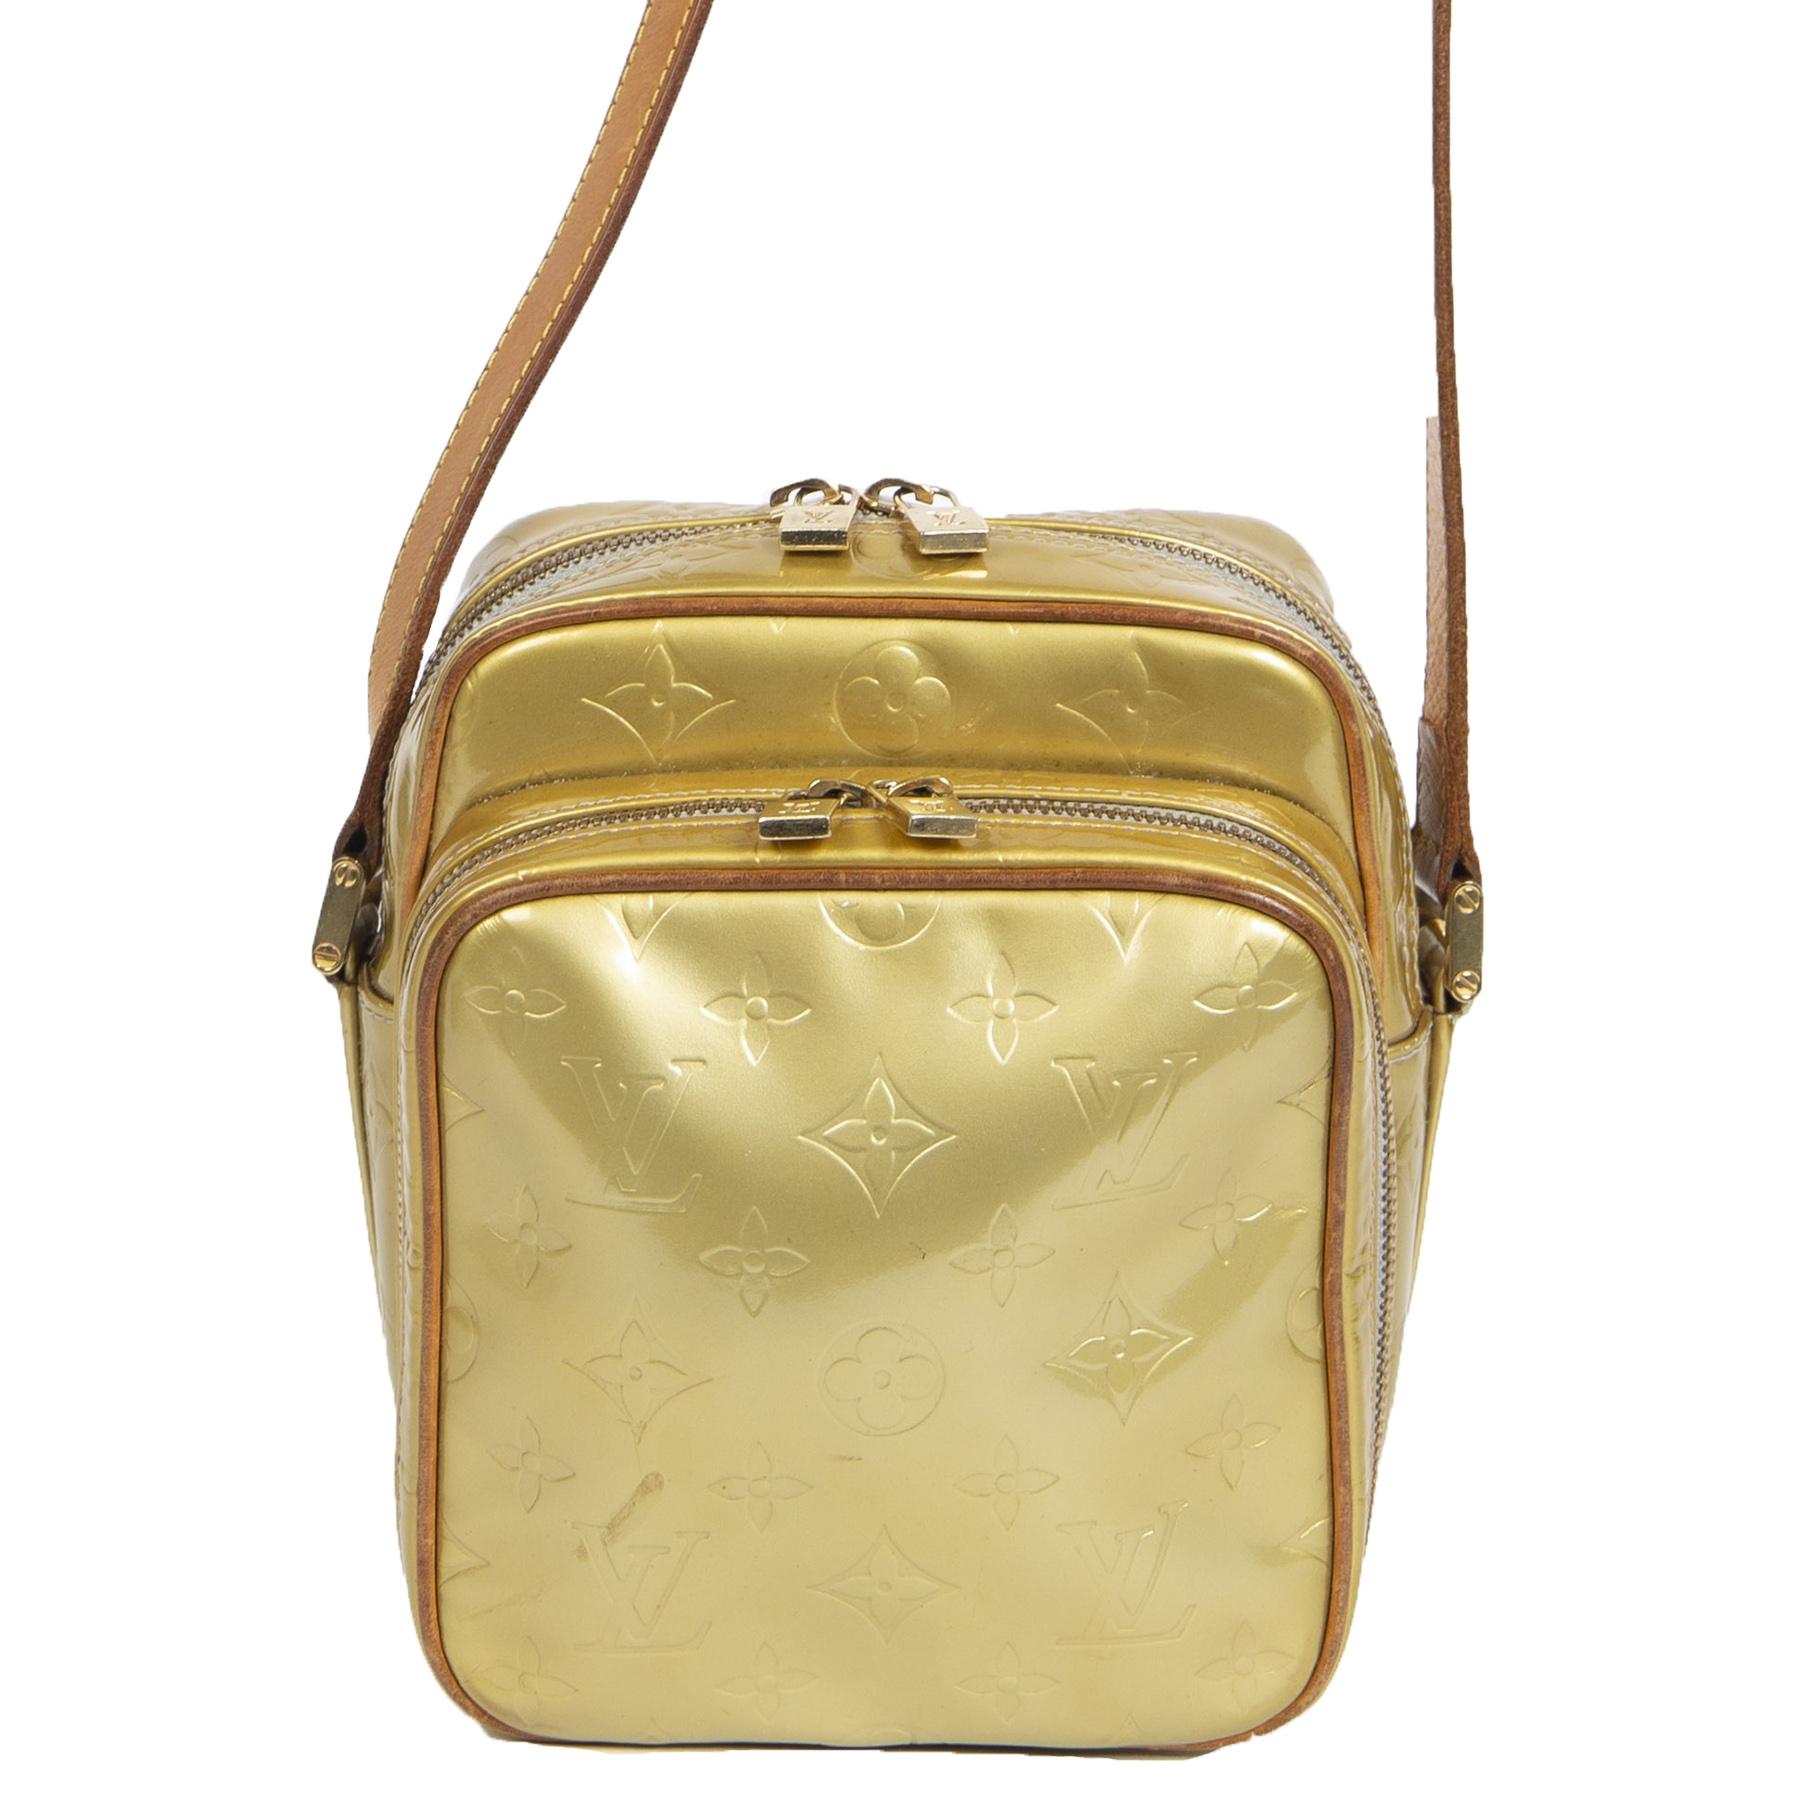 Authentieke Tweedehands Louis Vuitton Amazone Monogram Crossbody Bag juiste prijs veilig online shoppen luxe merken webshop winkelen Antwerpen België mode fashion